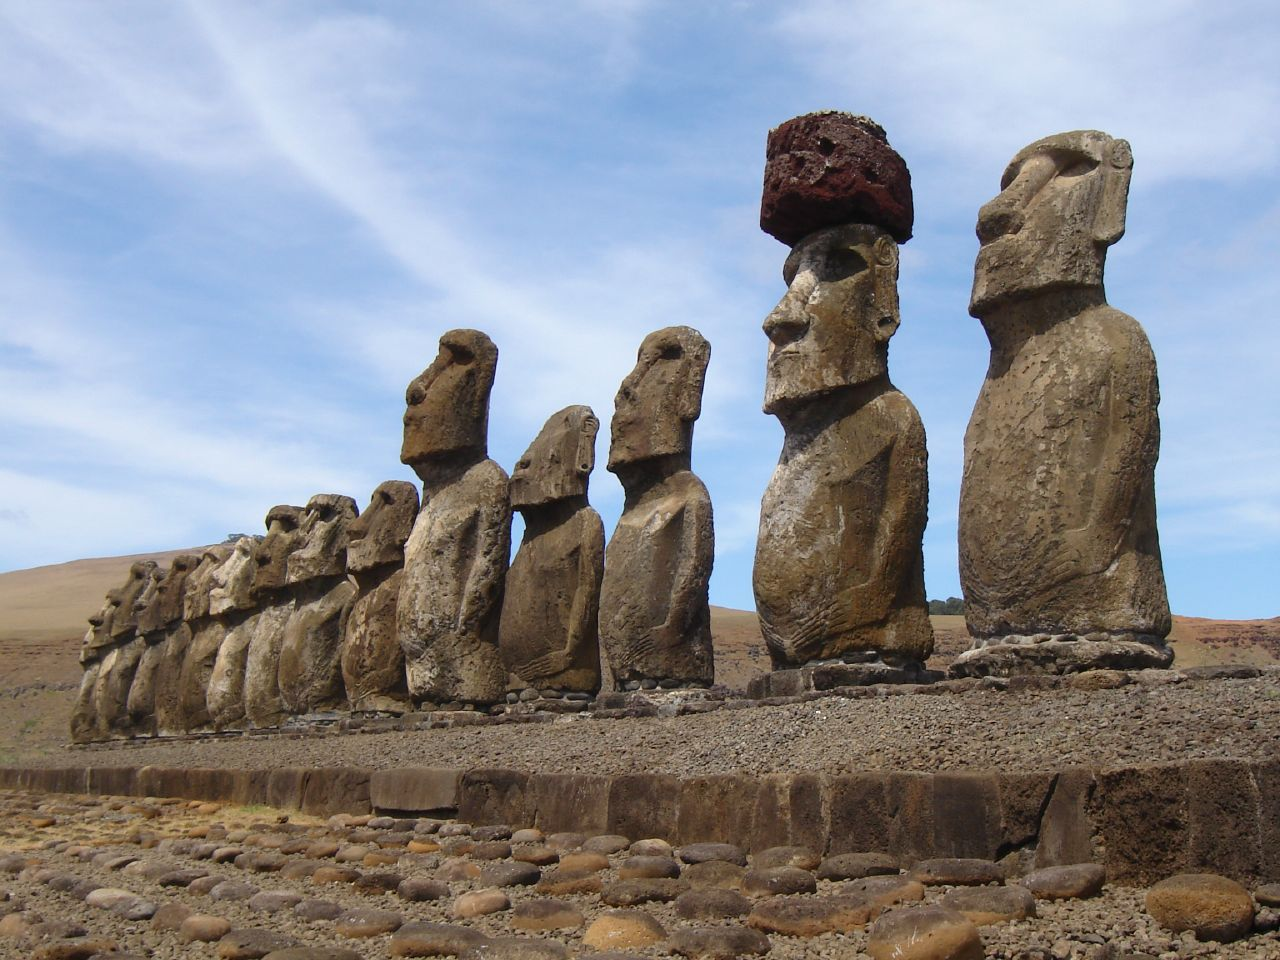 Easter Island CE0Y/I2DMI